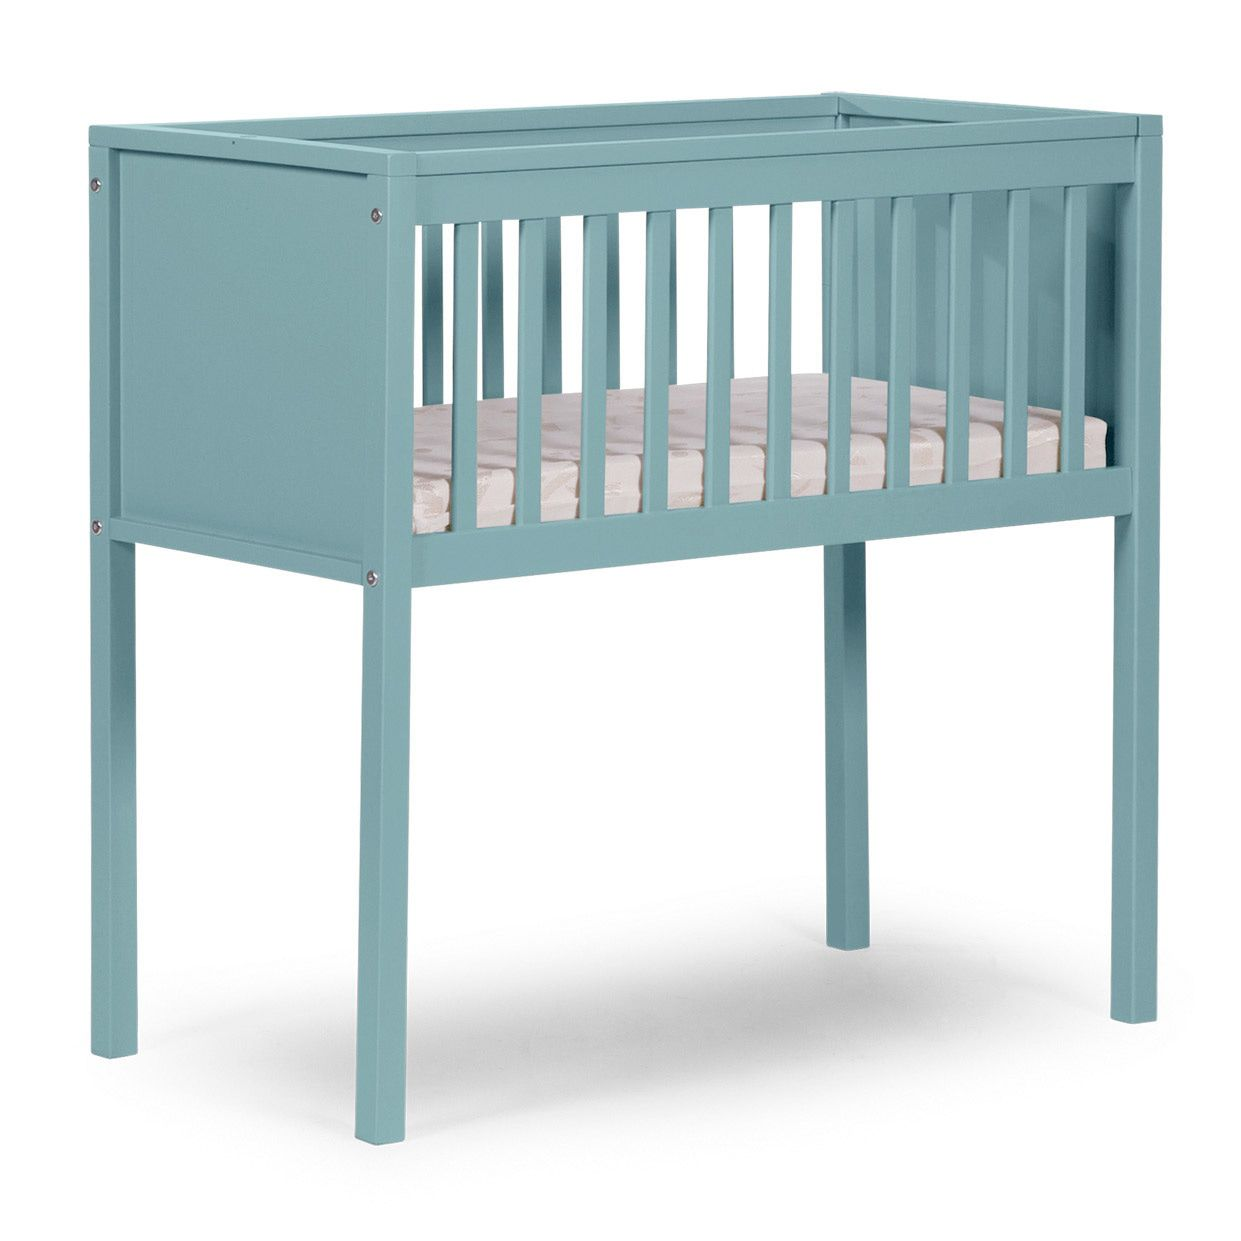 Wieg Childwood Cradle Beuken Jade Groen